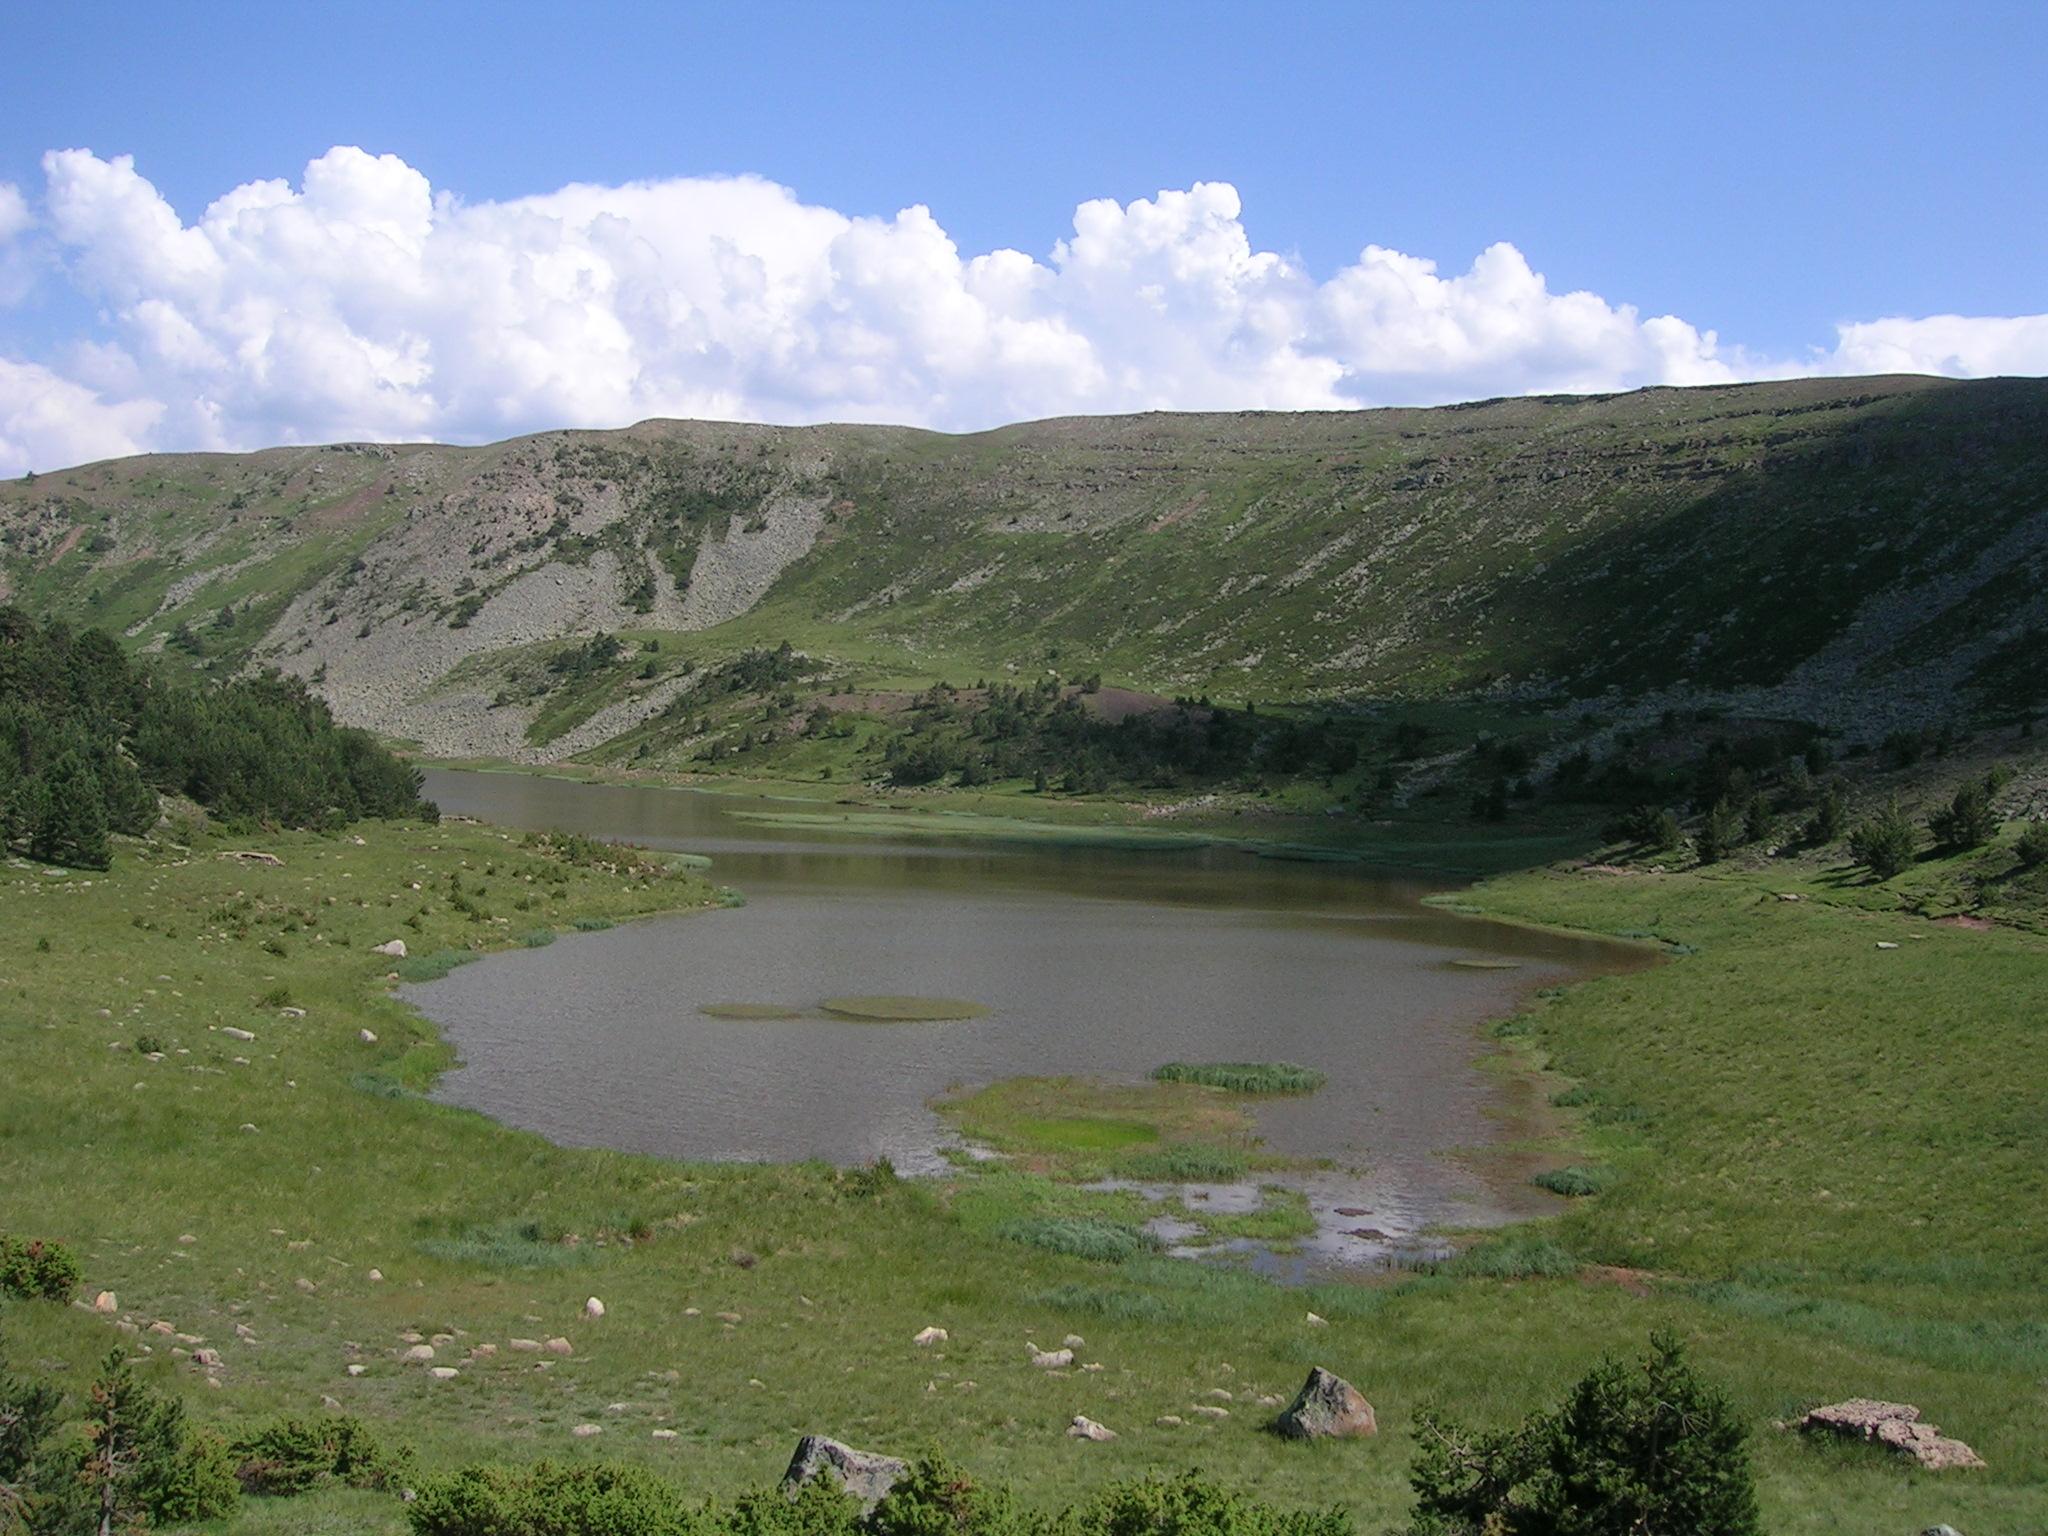 Parque Natural 'Lagunas Glaciares de Neila'